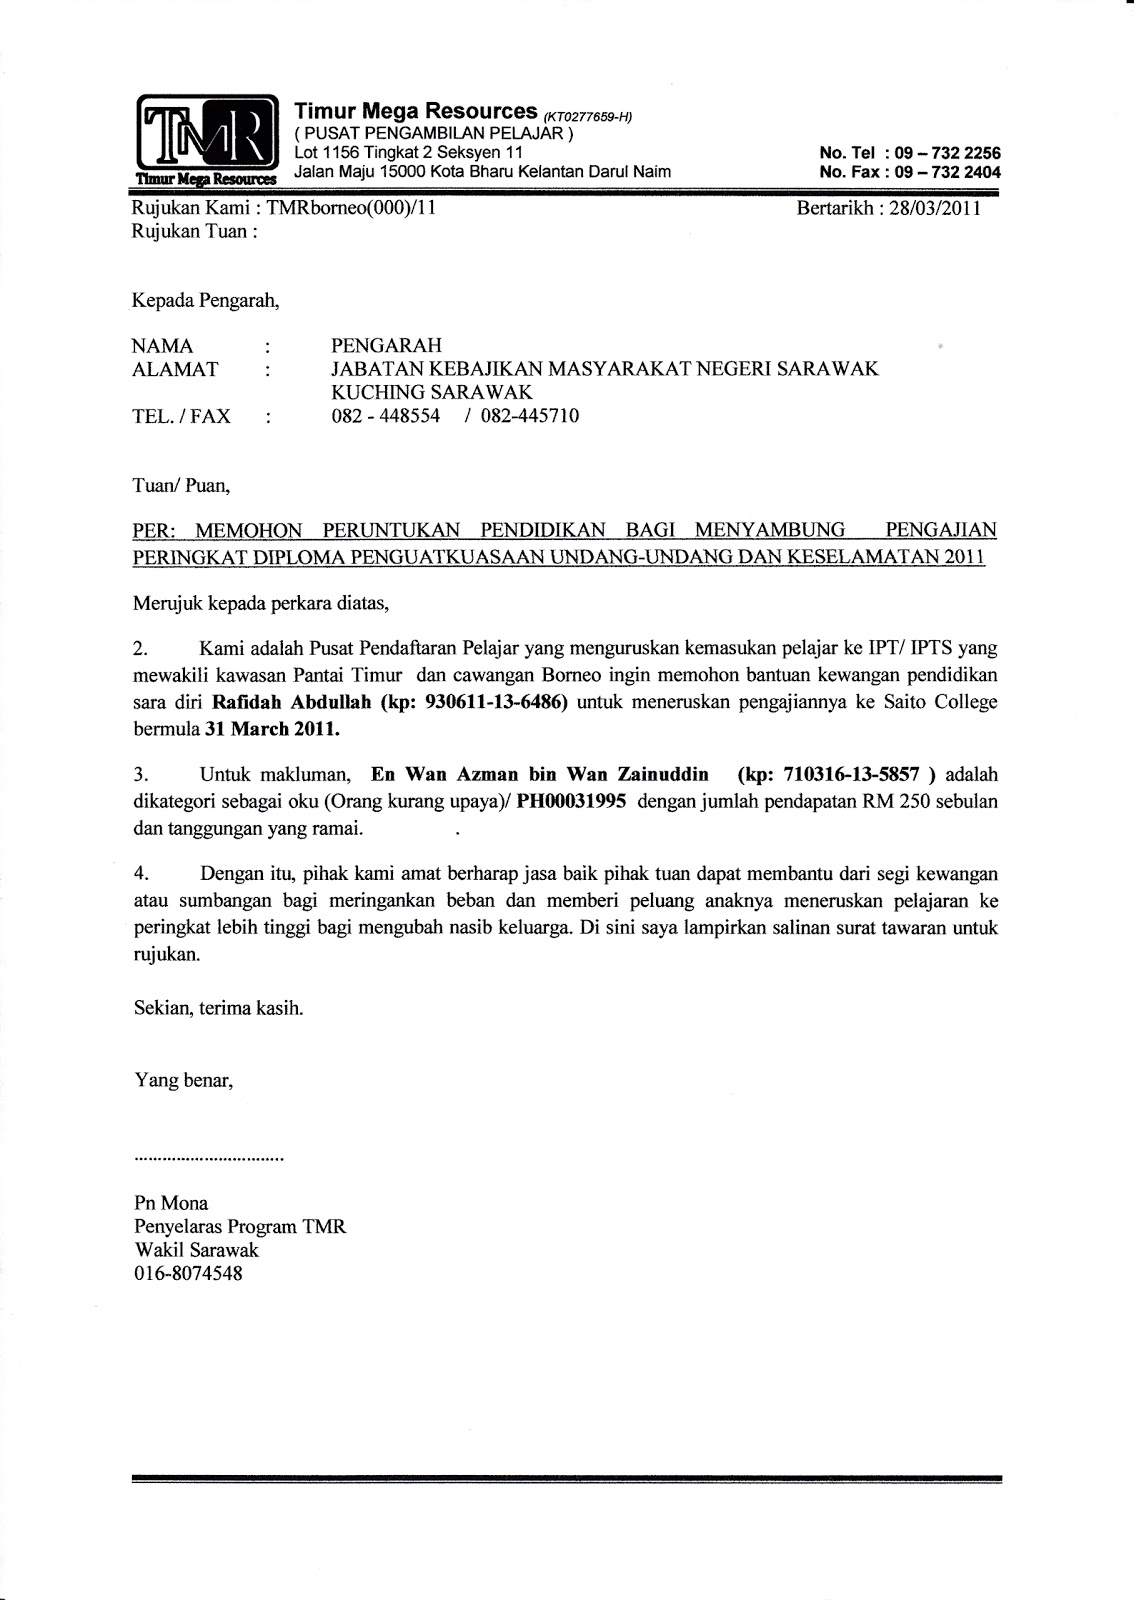 Contoh Surat Rasmi Permohonan Bantuan Peralatan Dinoburan S Diary